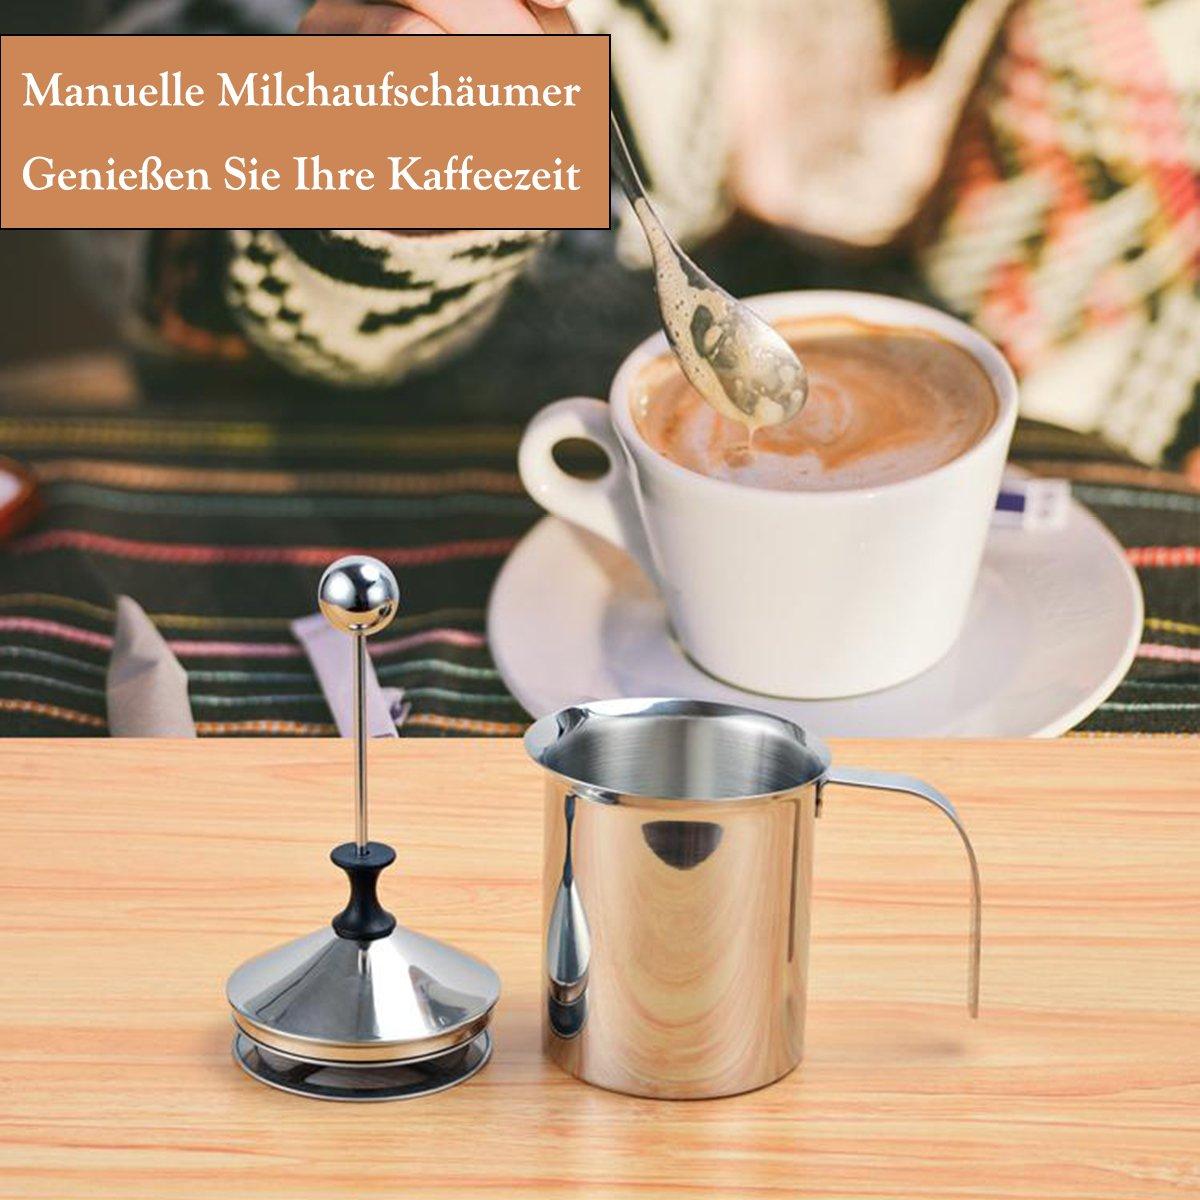 Milchaufschaeumer Manuell, 500ML Milchaufschäumer Edelstahl Mit ...